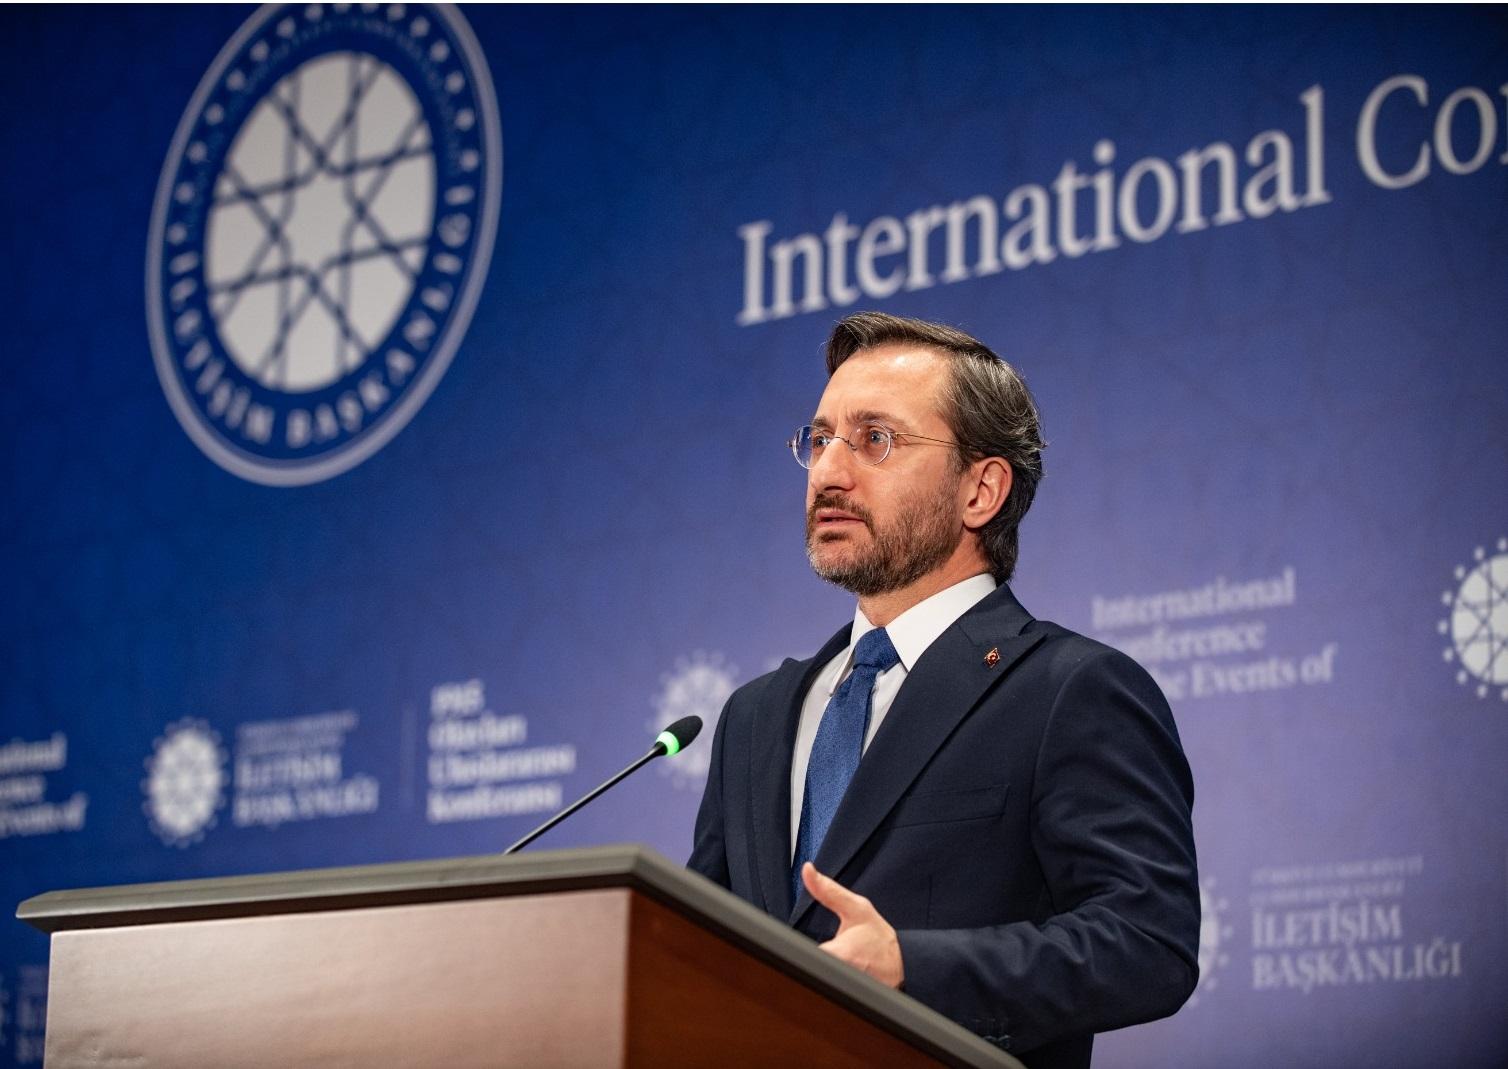 'Sözde 'Ermeni soykırımı' iddiası, sadece siyasi hesaplardan beslenen bir iftiradır!'